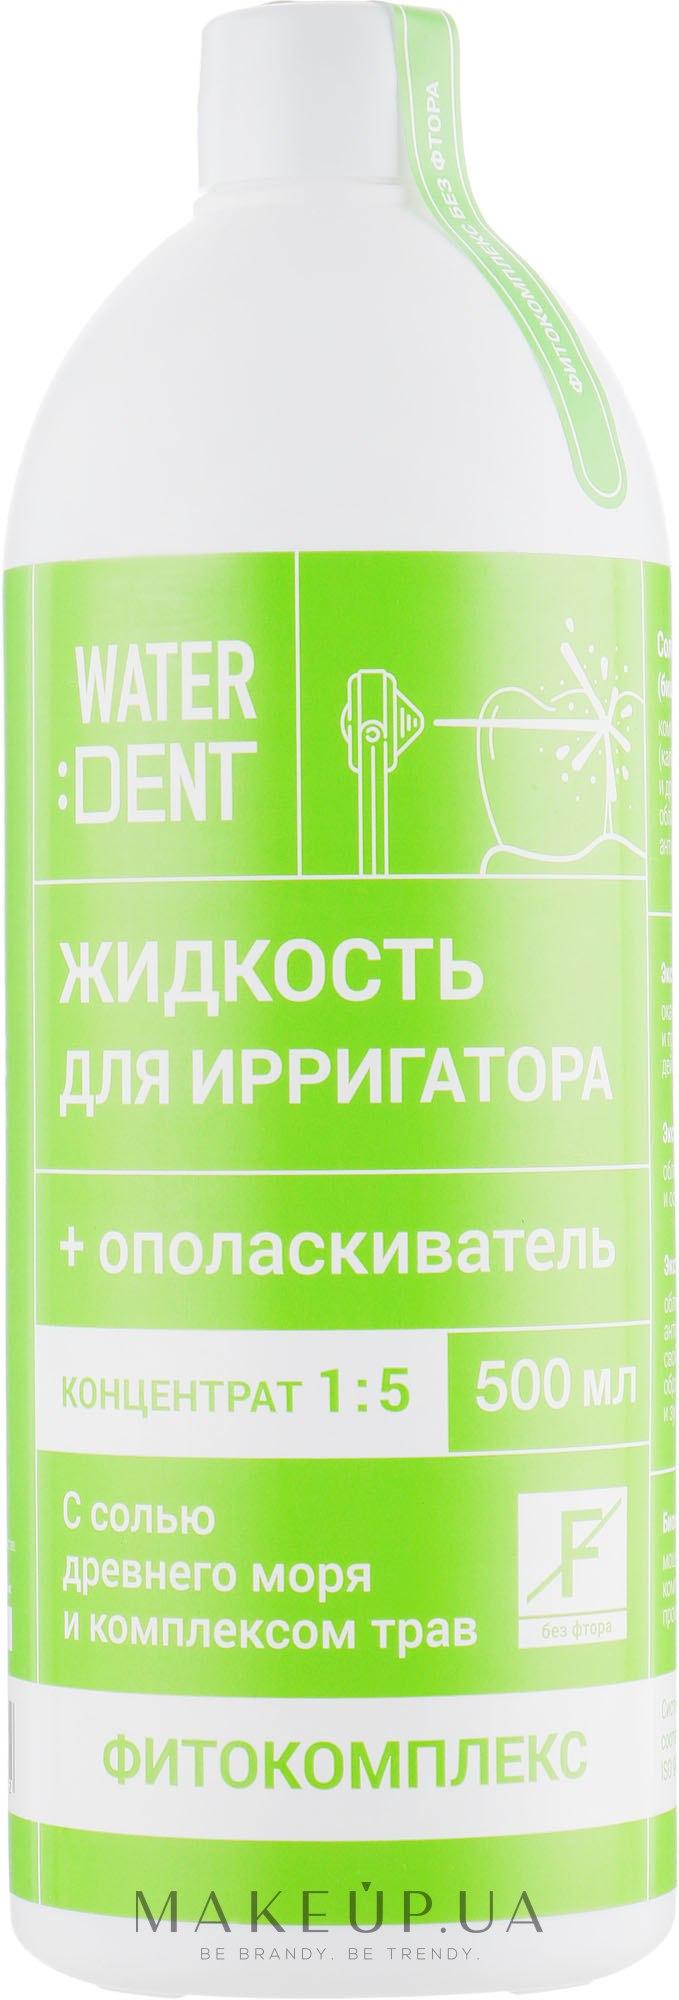 """Ополаскиватель + жидкость для ирригатора """"Фитокомплекс без фтора"""" - Waterdent — фото 500ml"""